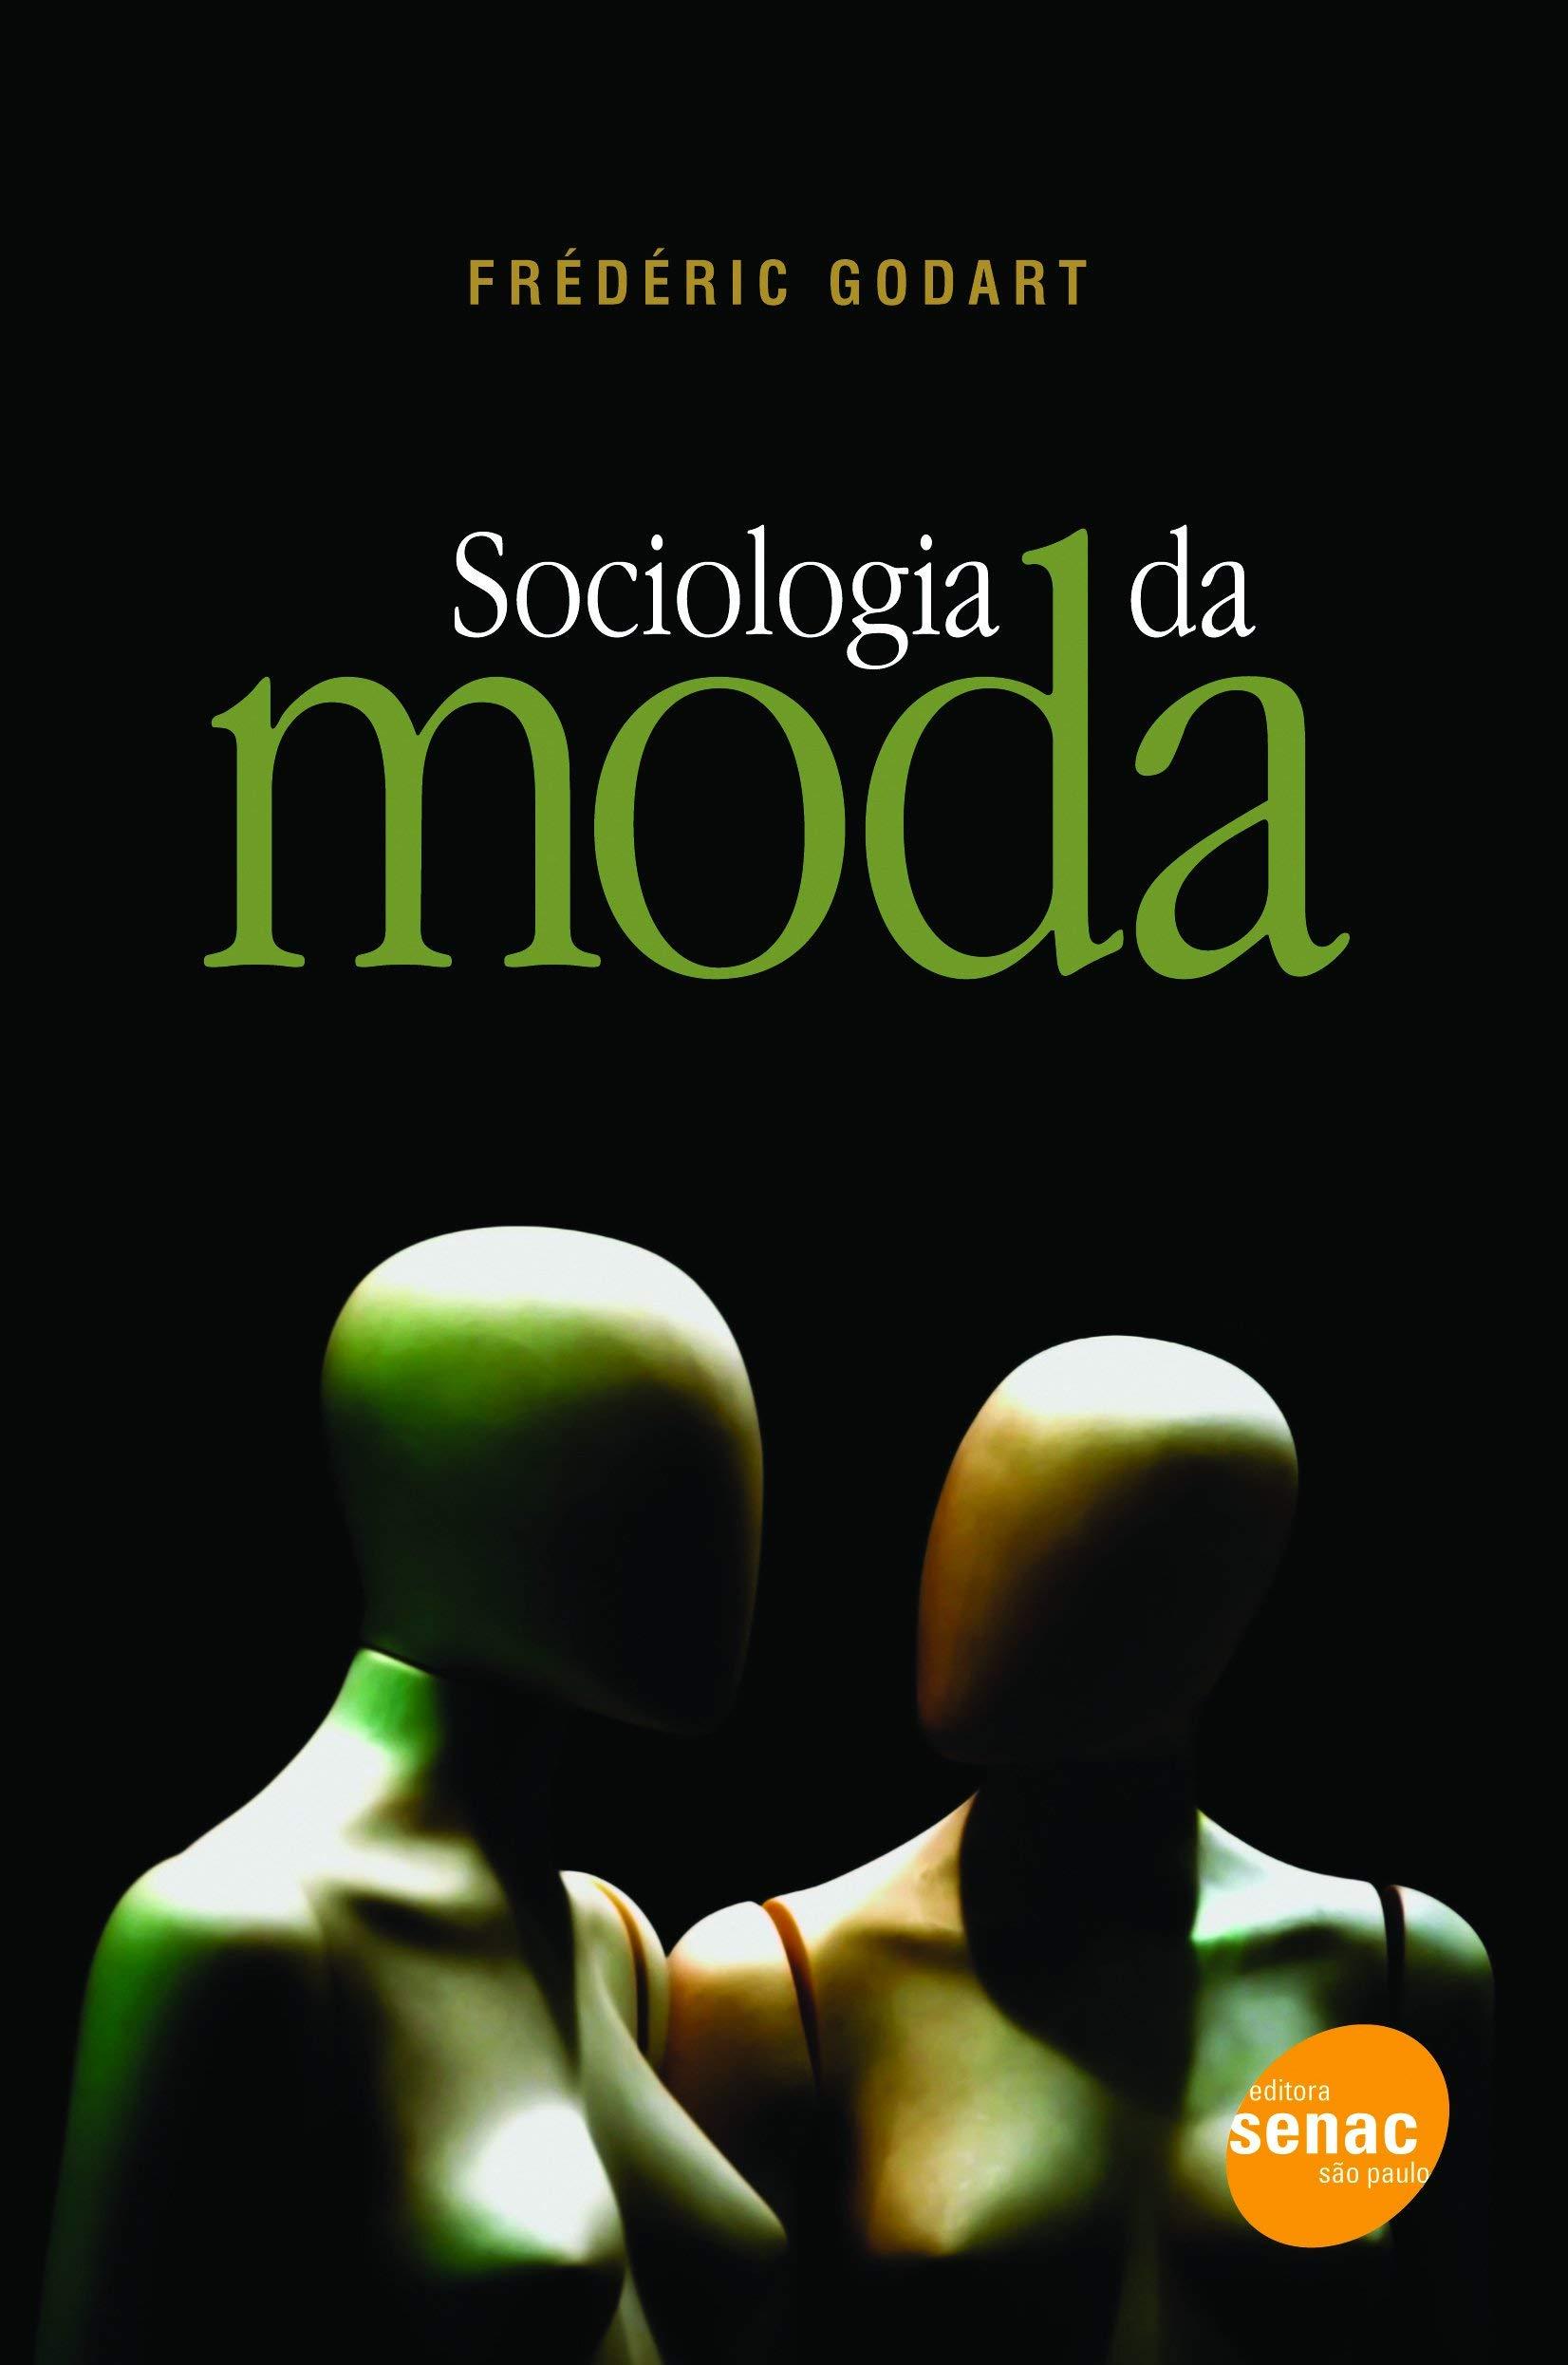 Créditos: Divulgação / Senac